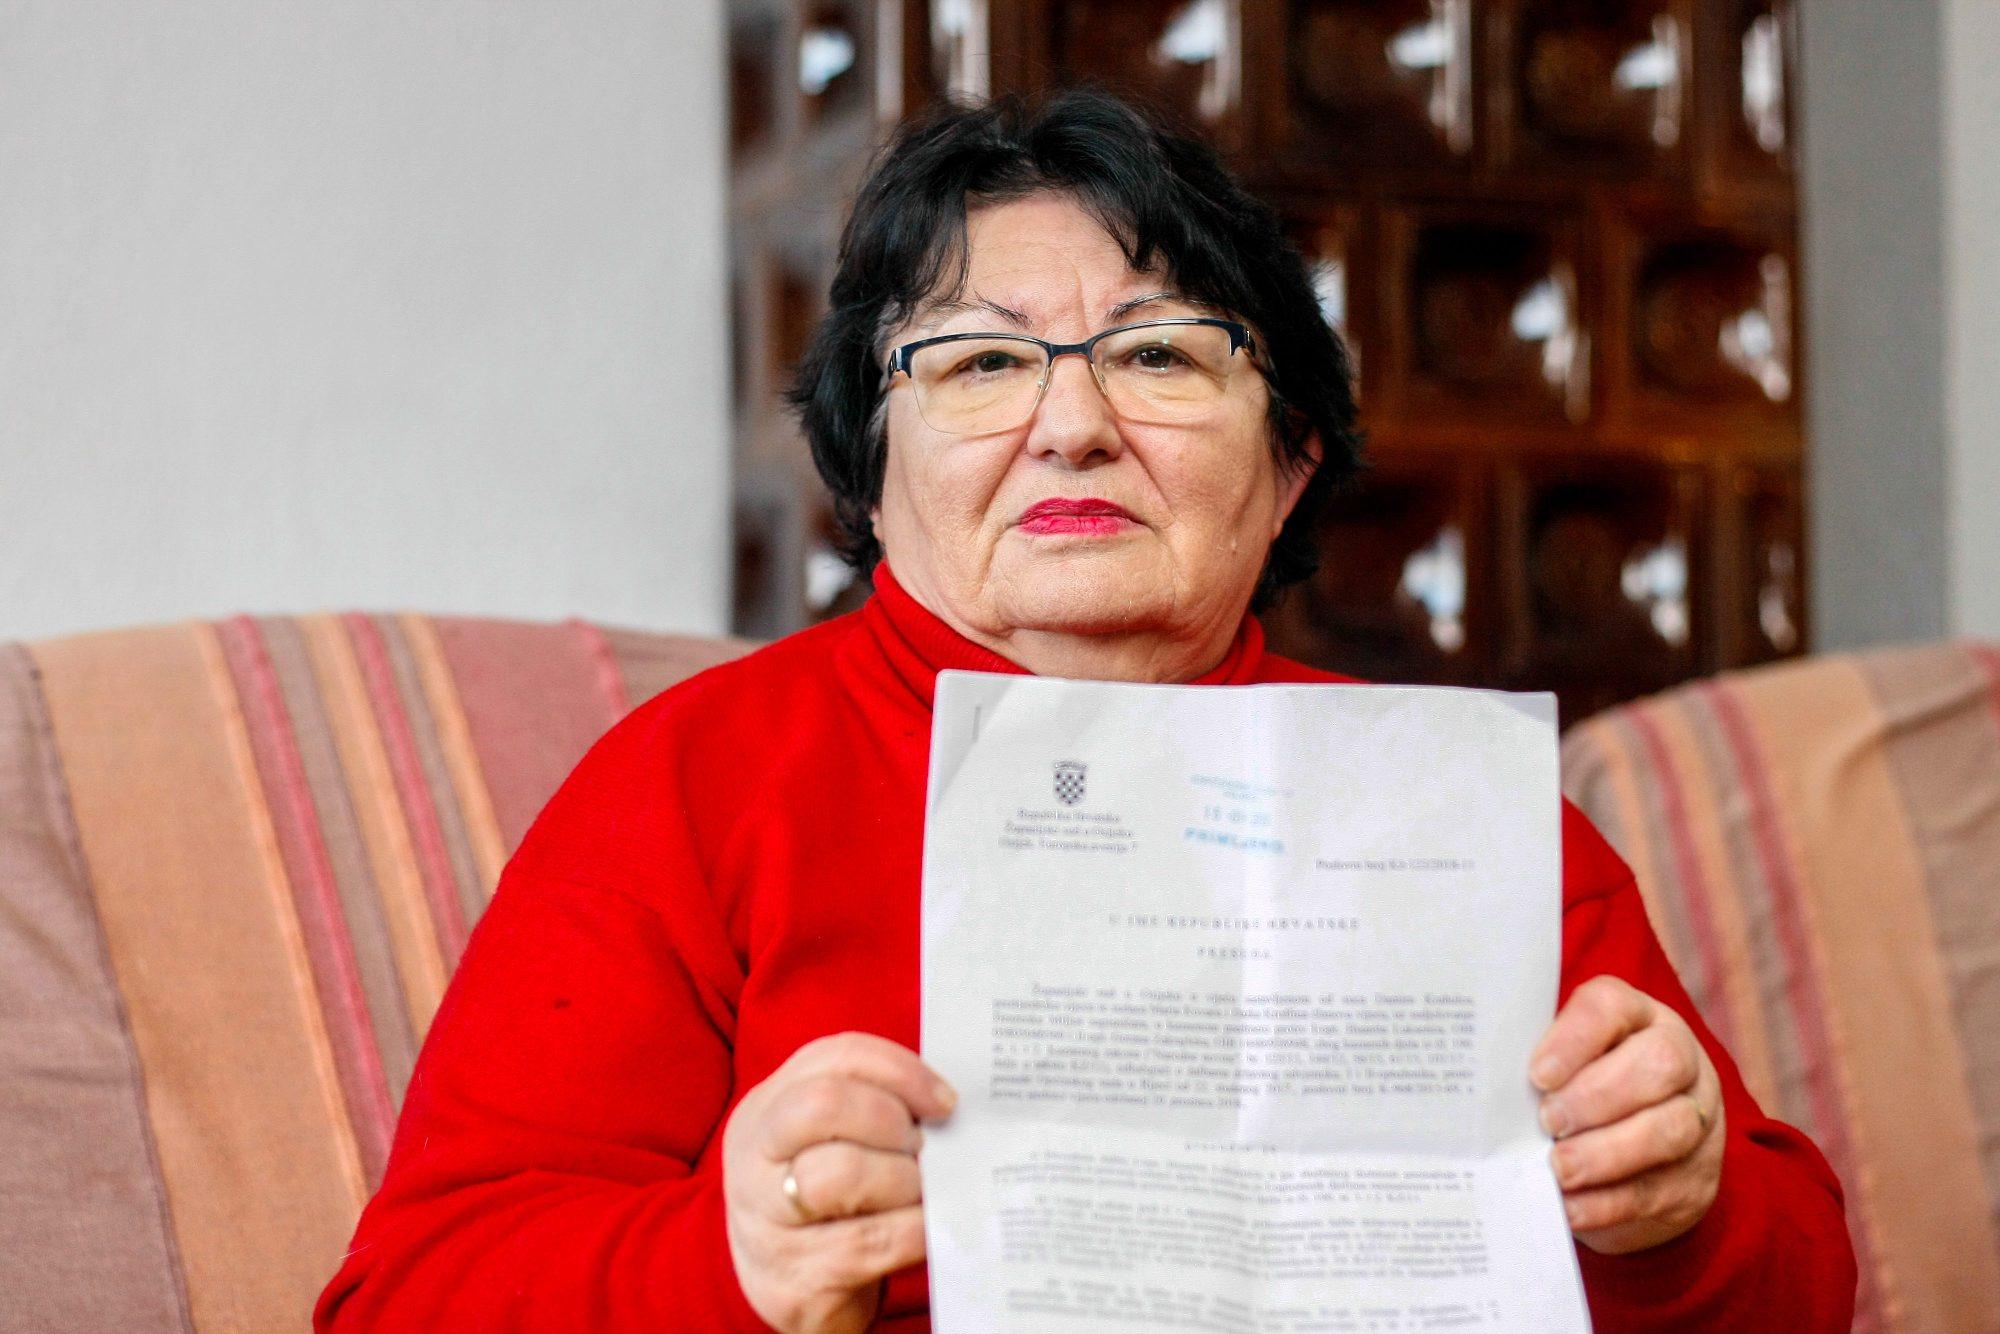 Rijeka, 250119. Bregi, Zlata Luksetic, majka sina Hunatia kojemu je izrecena presuda na dvije godine zatvora zbog prodaje marihuane. Foto: Matija Djanjesic / CROPIX